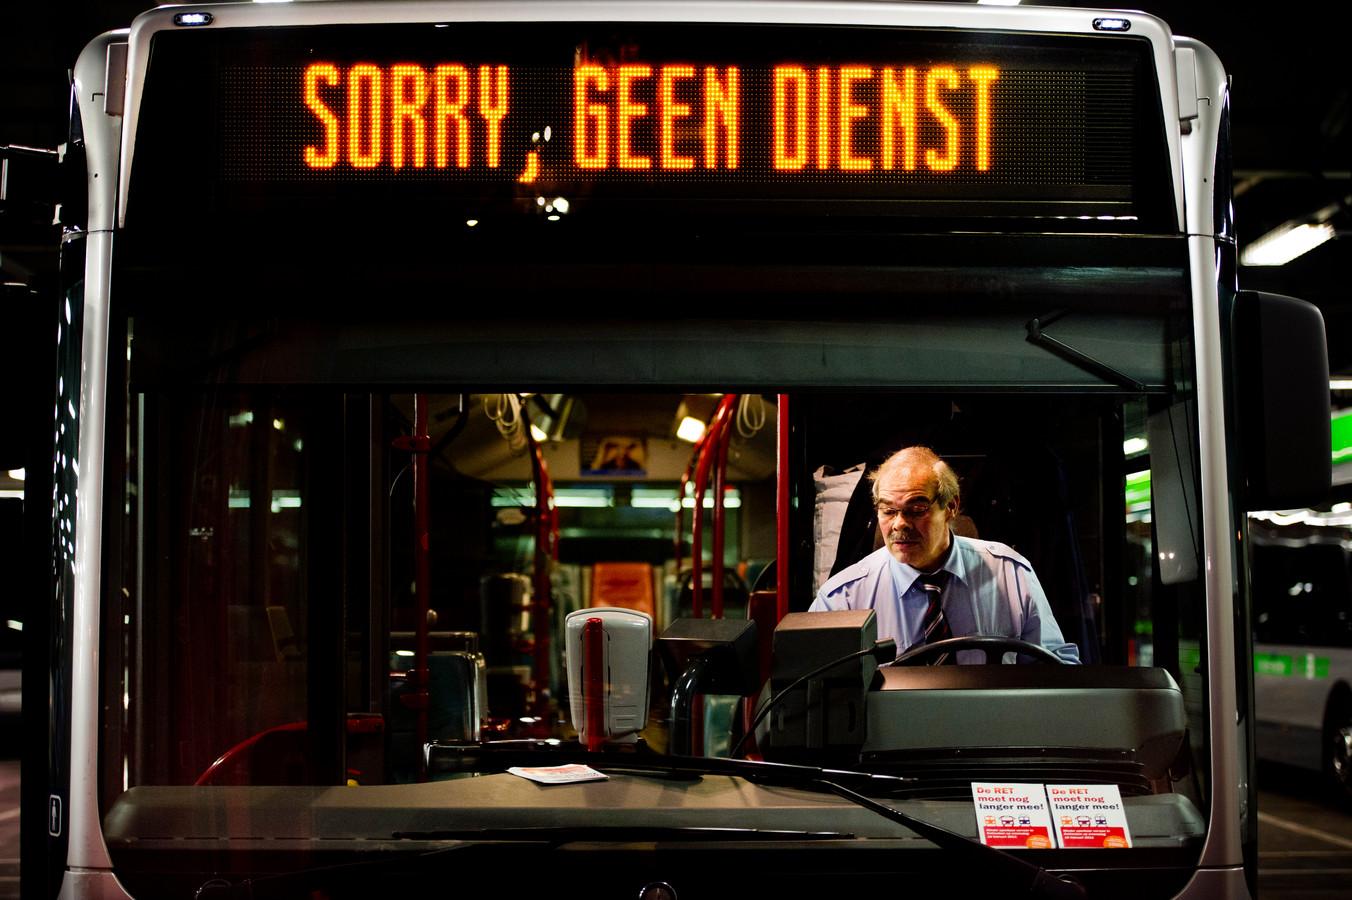 Sinds eind vorig jaar rijdt er in de avond vanuit Ameide geen directe bus meer richting Utrecht. Dat moet veranderen, vindt Ameide Duurzaam.